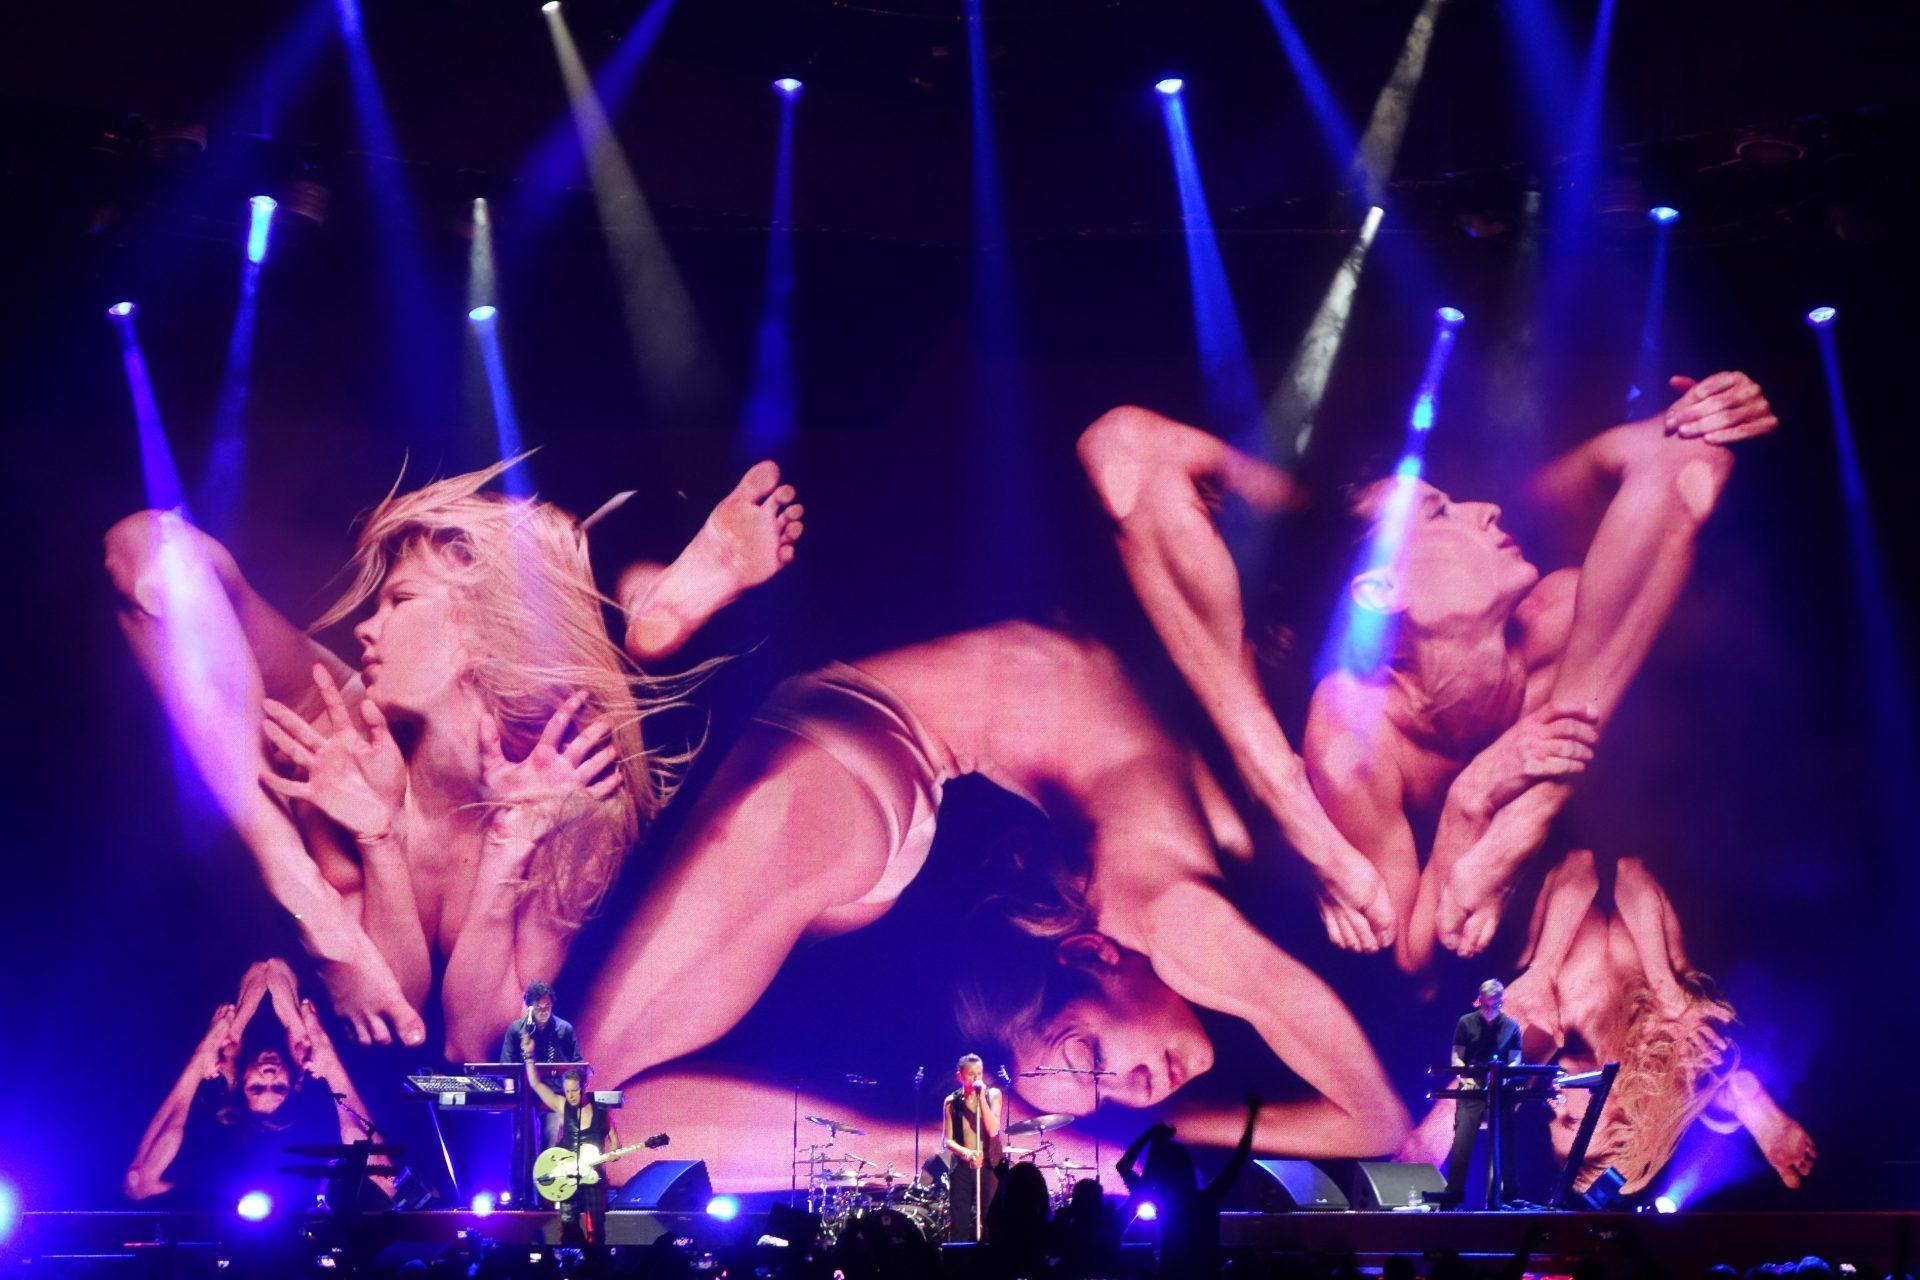 depeche-mode-live-berlin depeche mode